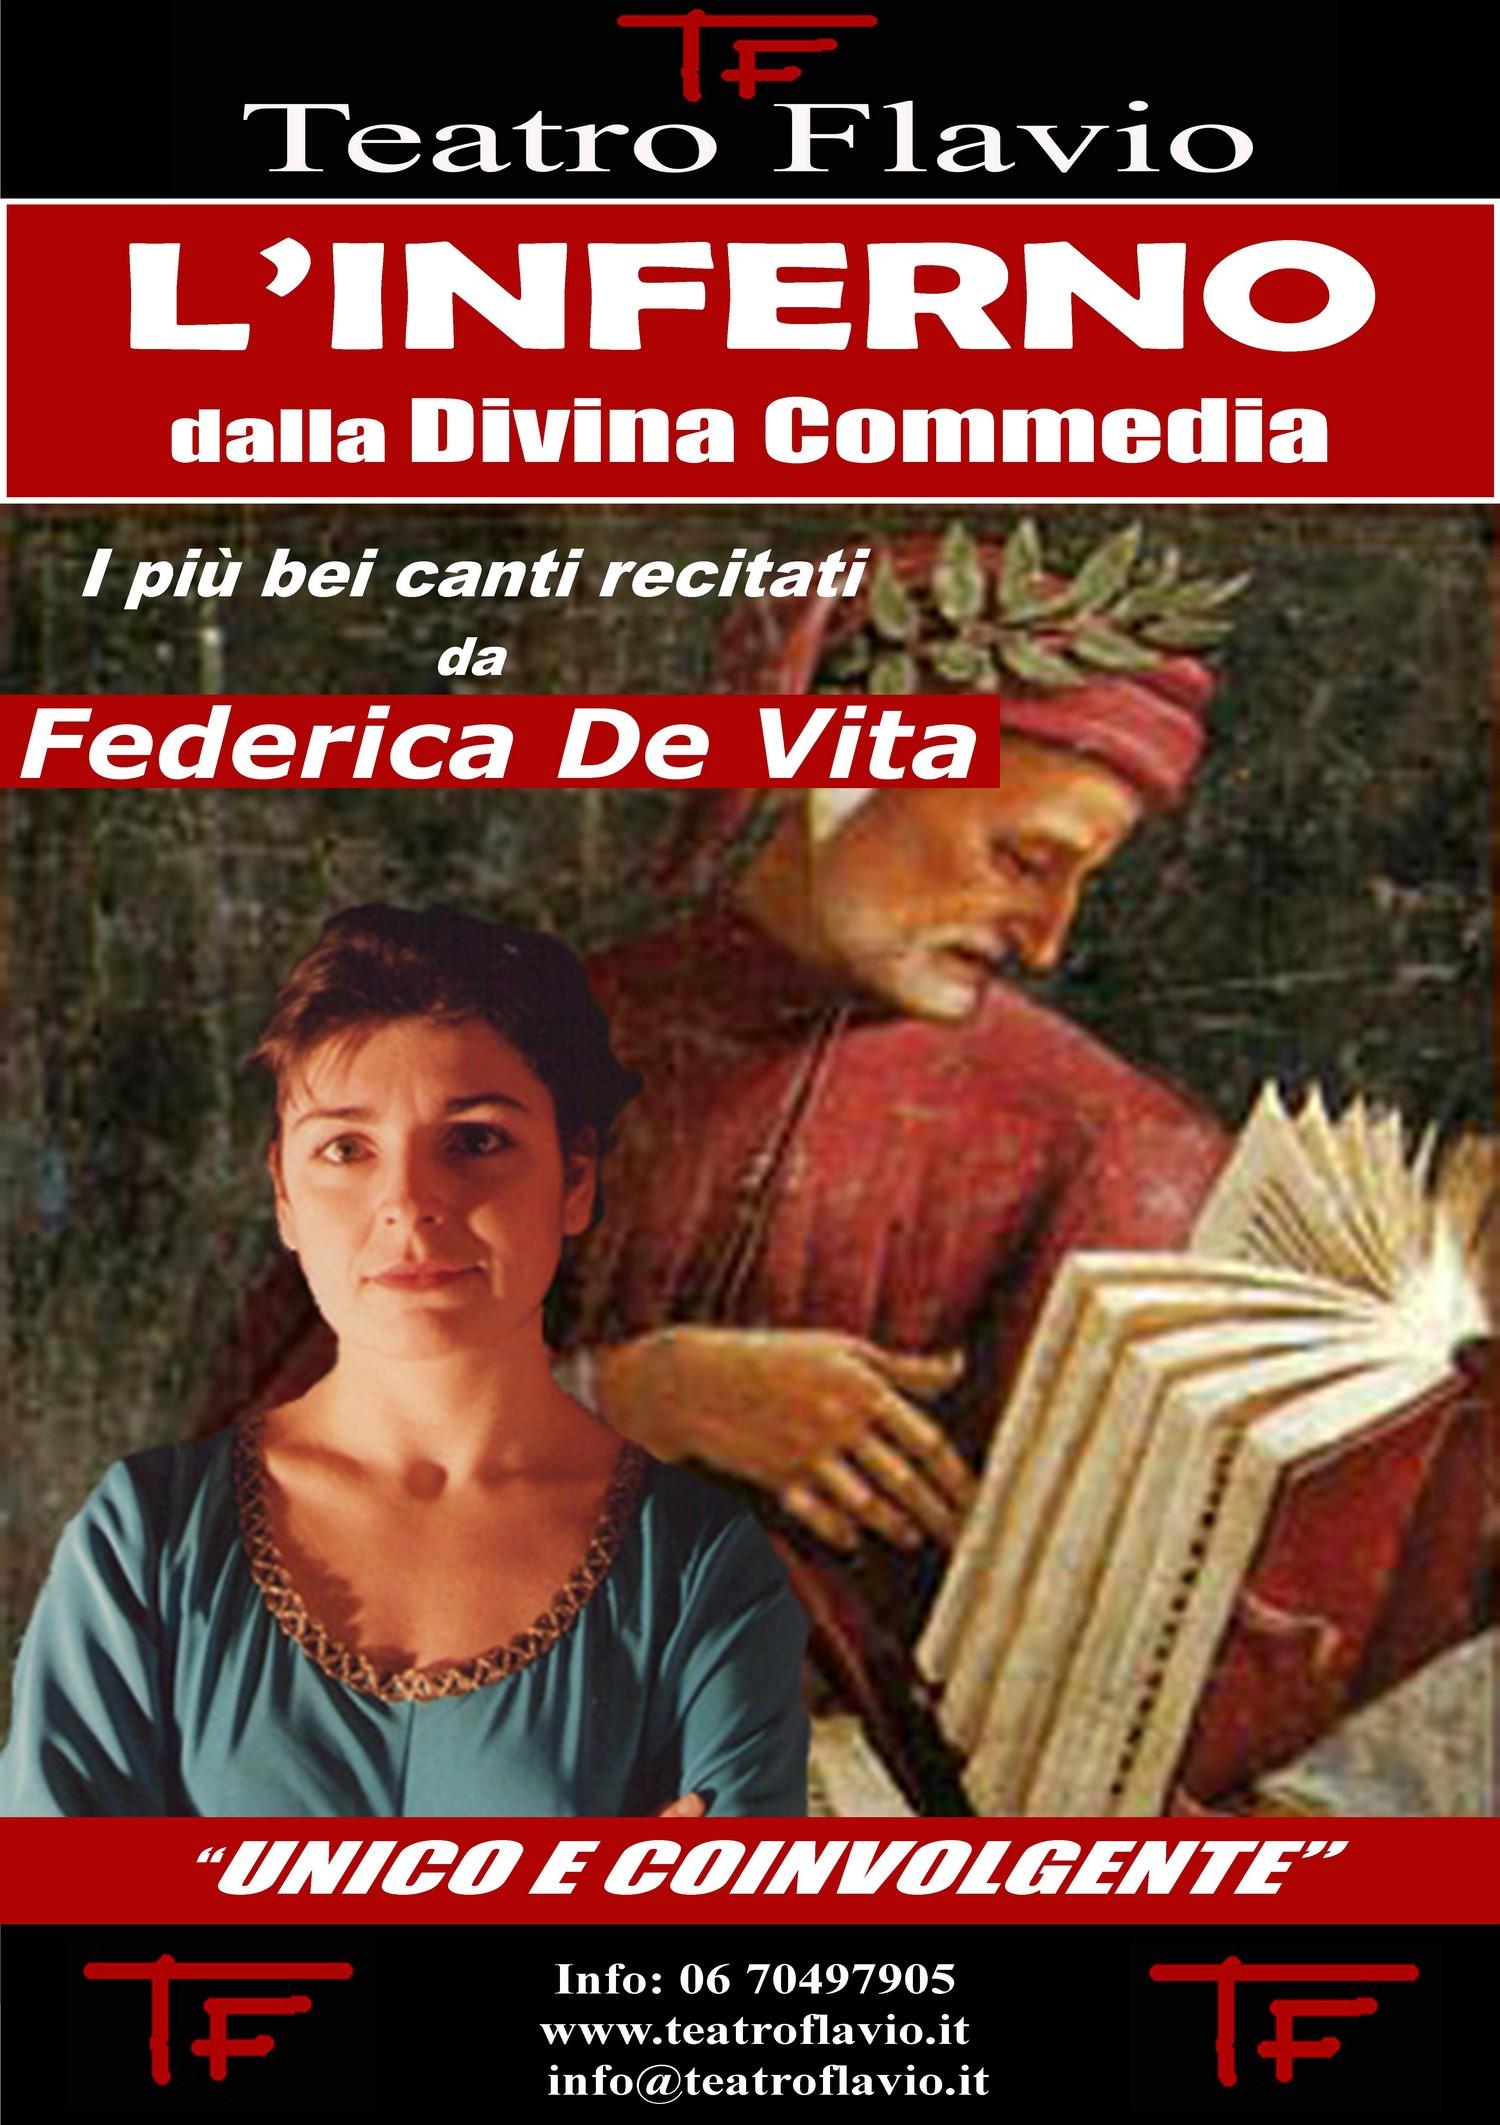 L'Inferno, Teatro Flavio Roma